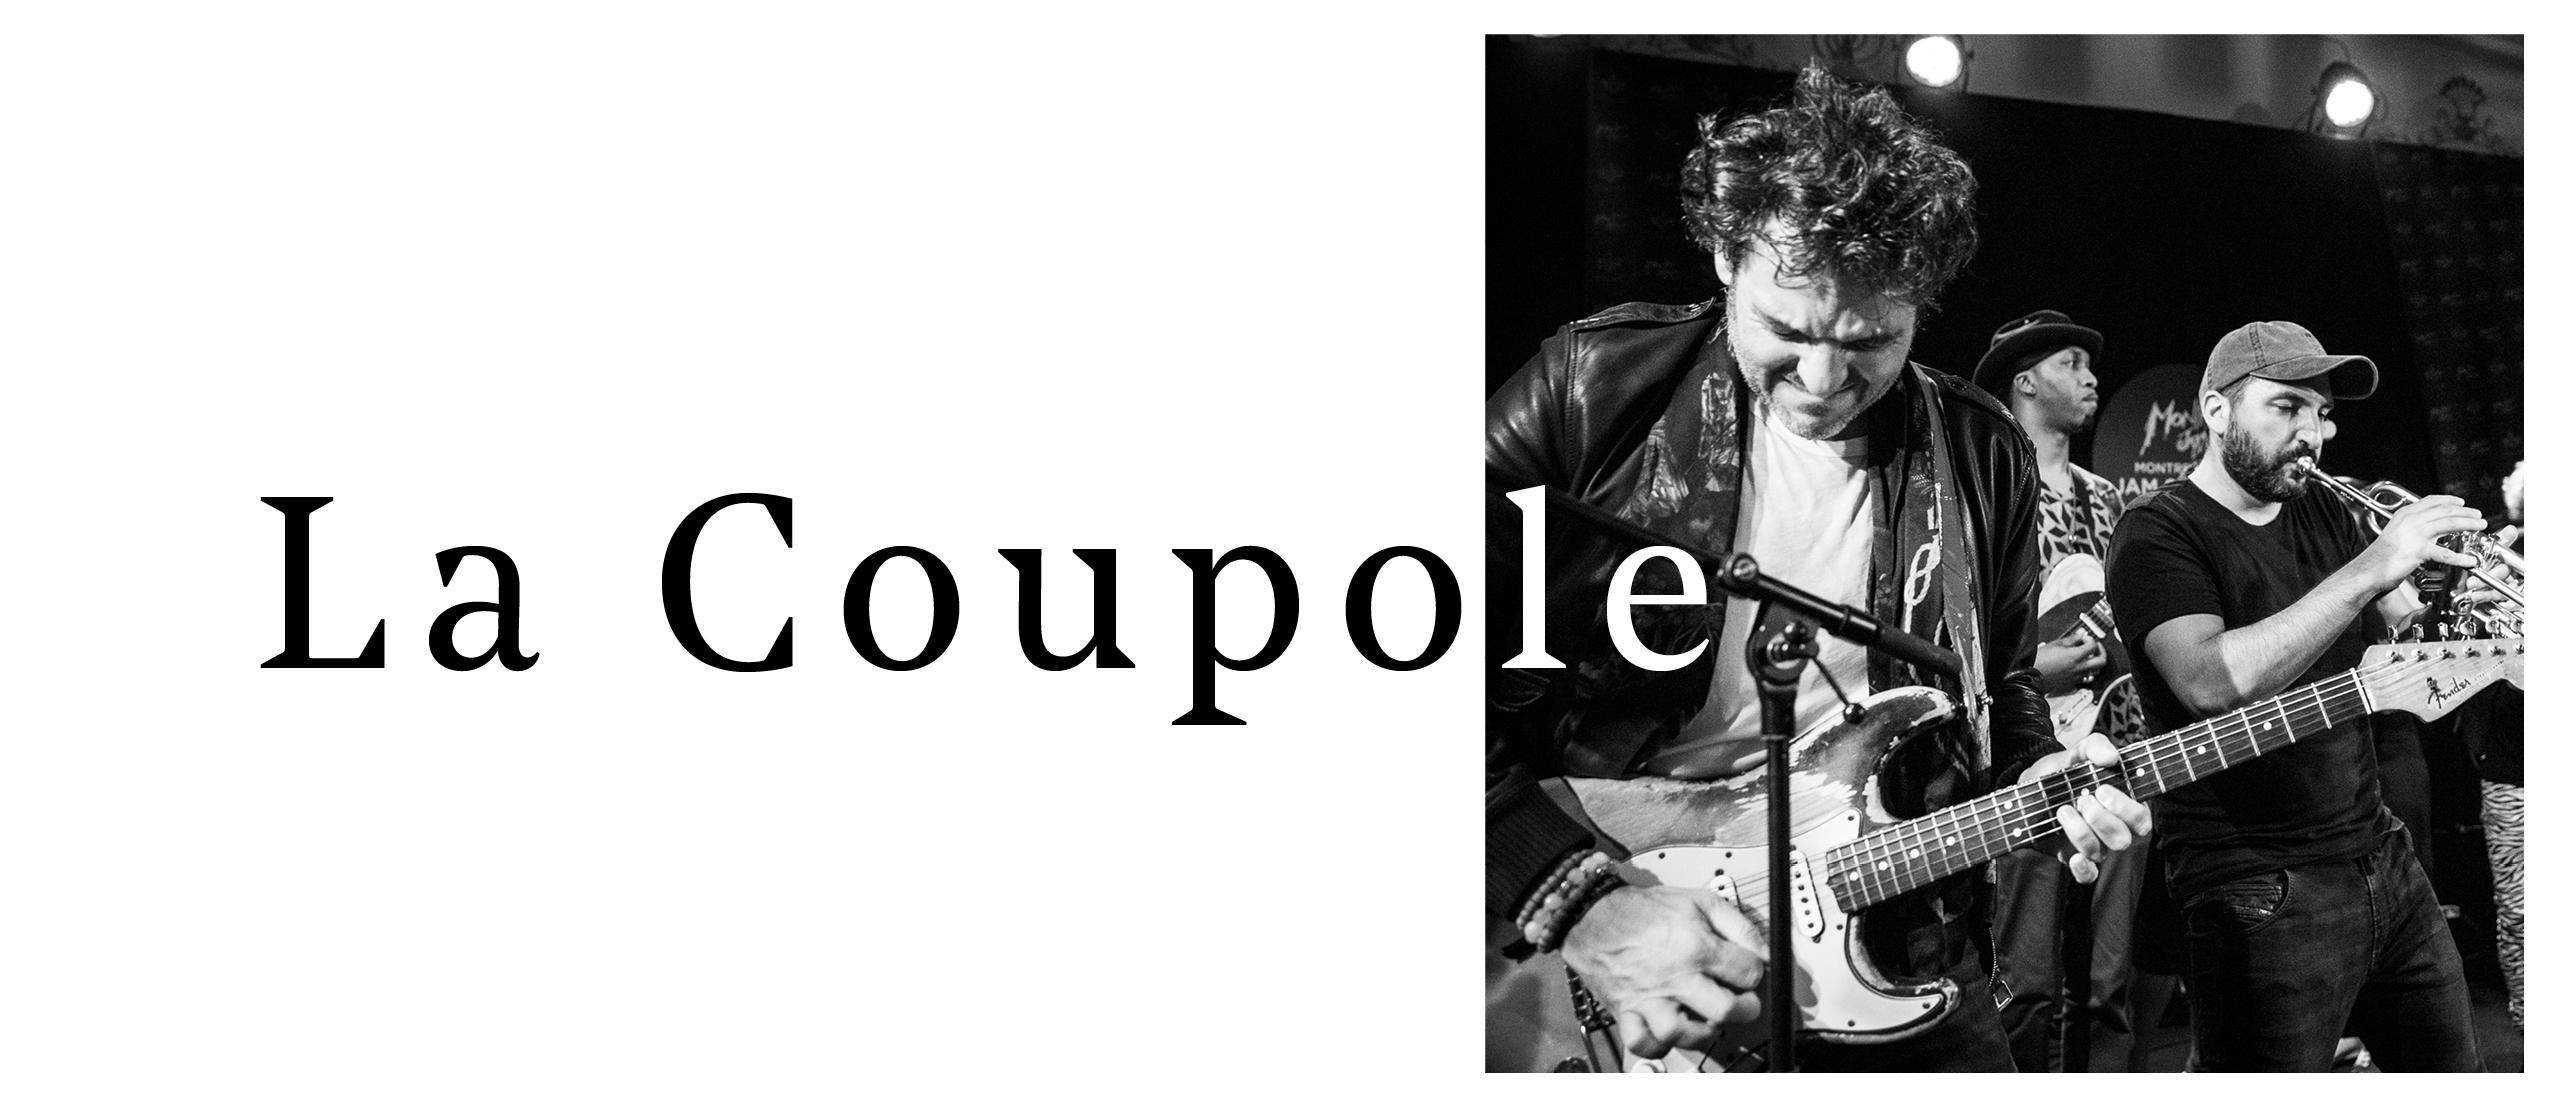 La Coupole